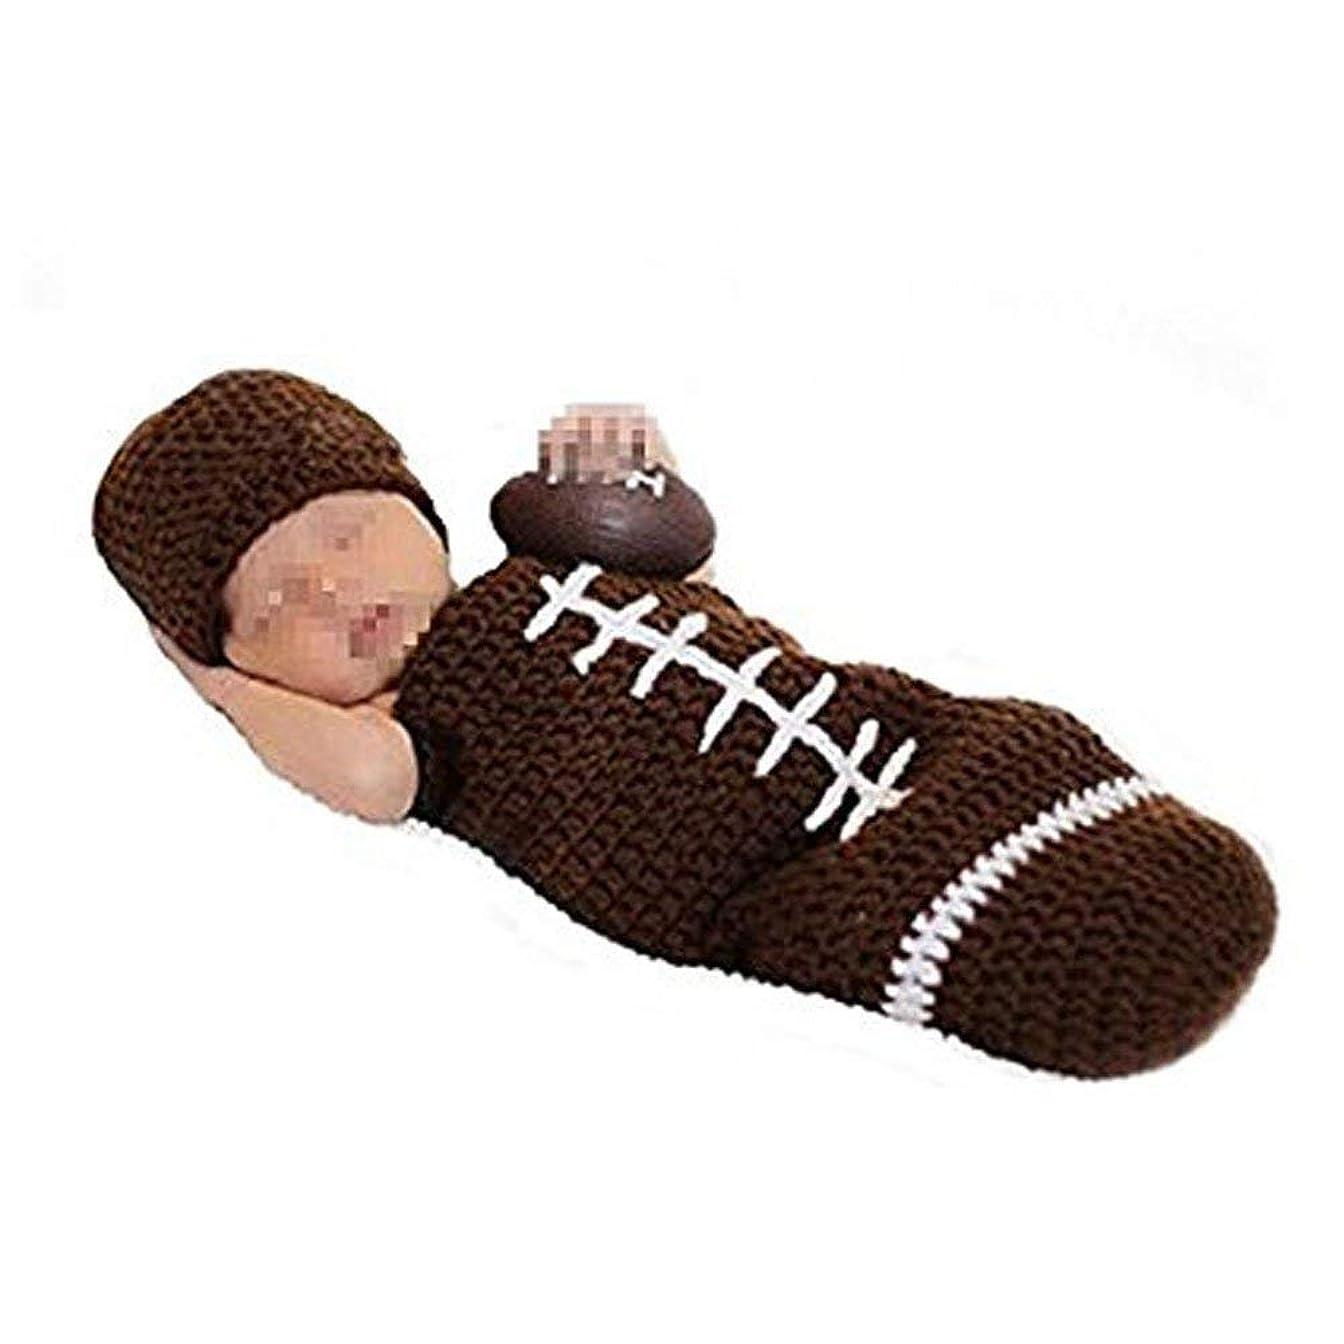 防衛スケッチセンターTOOGOO 新生児写真の小道具衣装 - 男の子/女の子ニット帽子パンツ漫画動物衣装セットサッカー